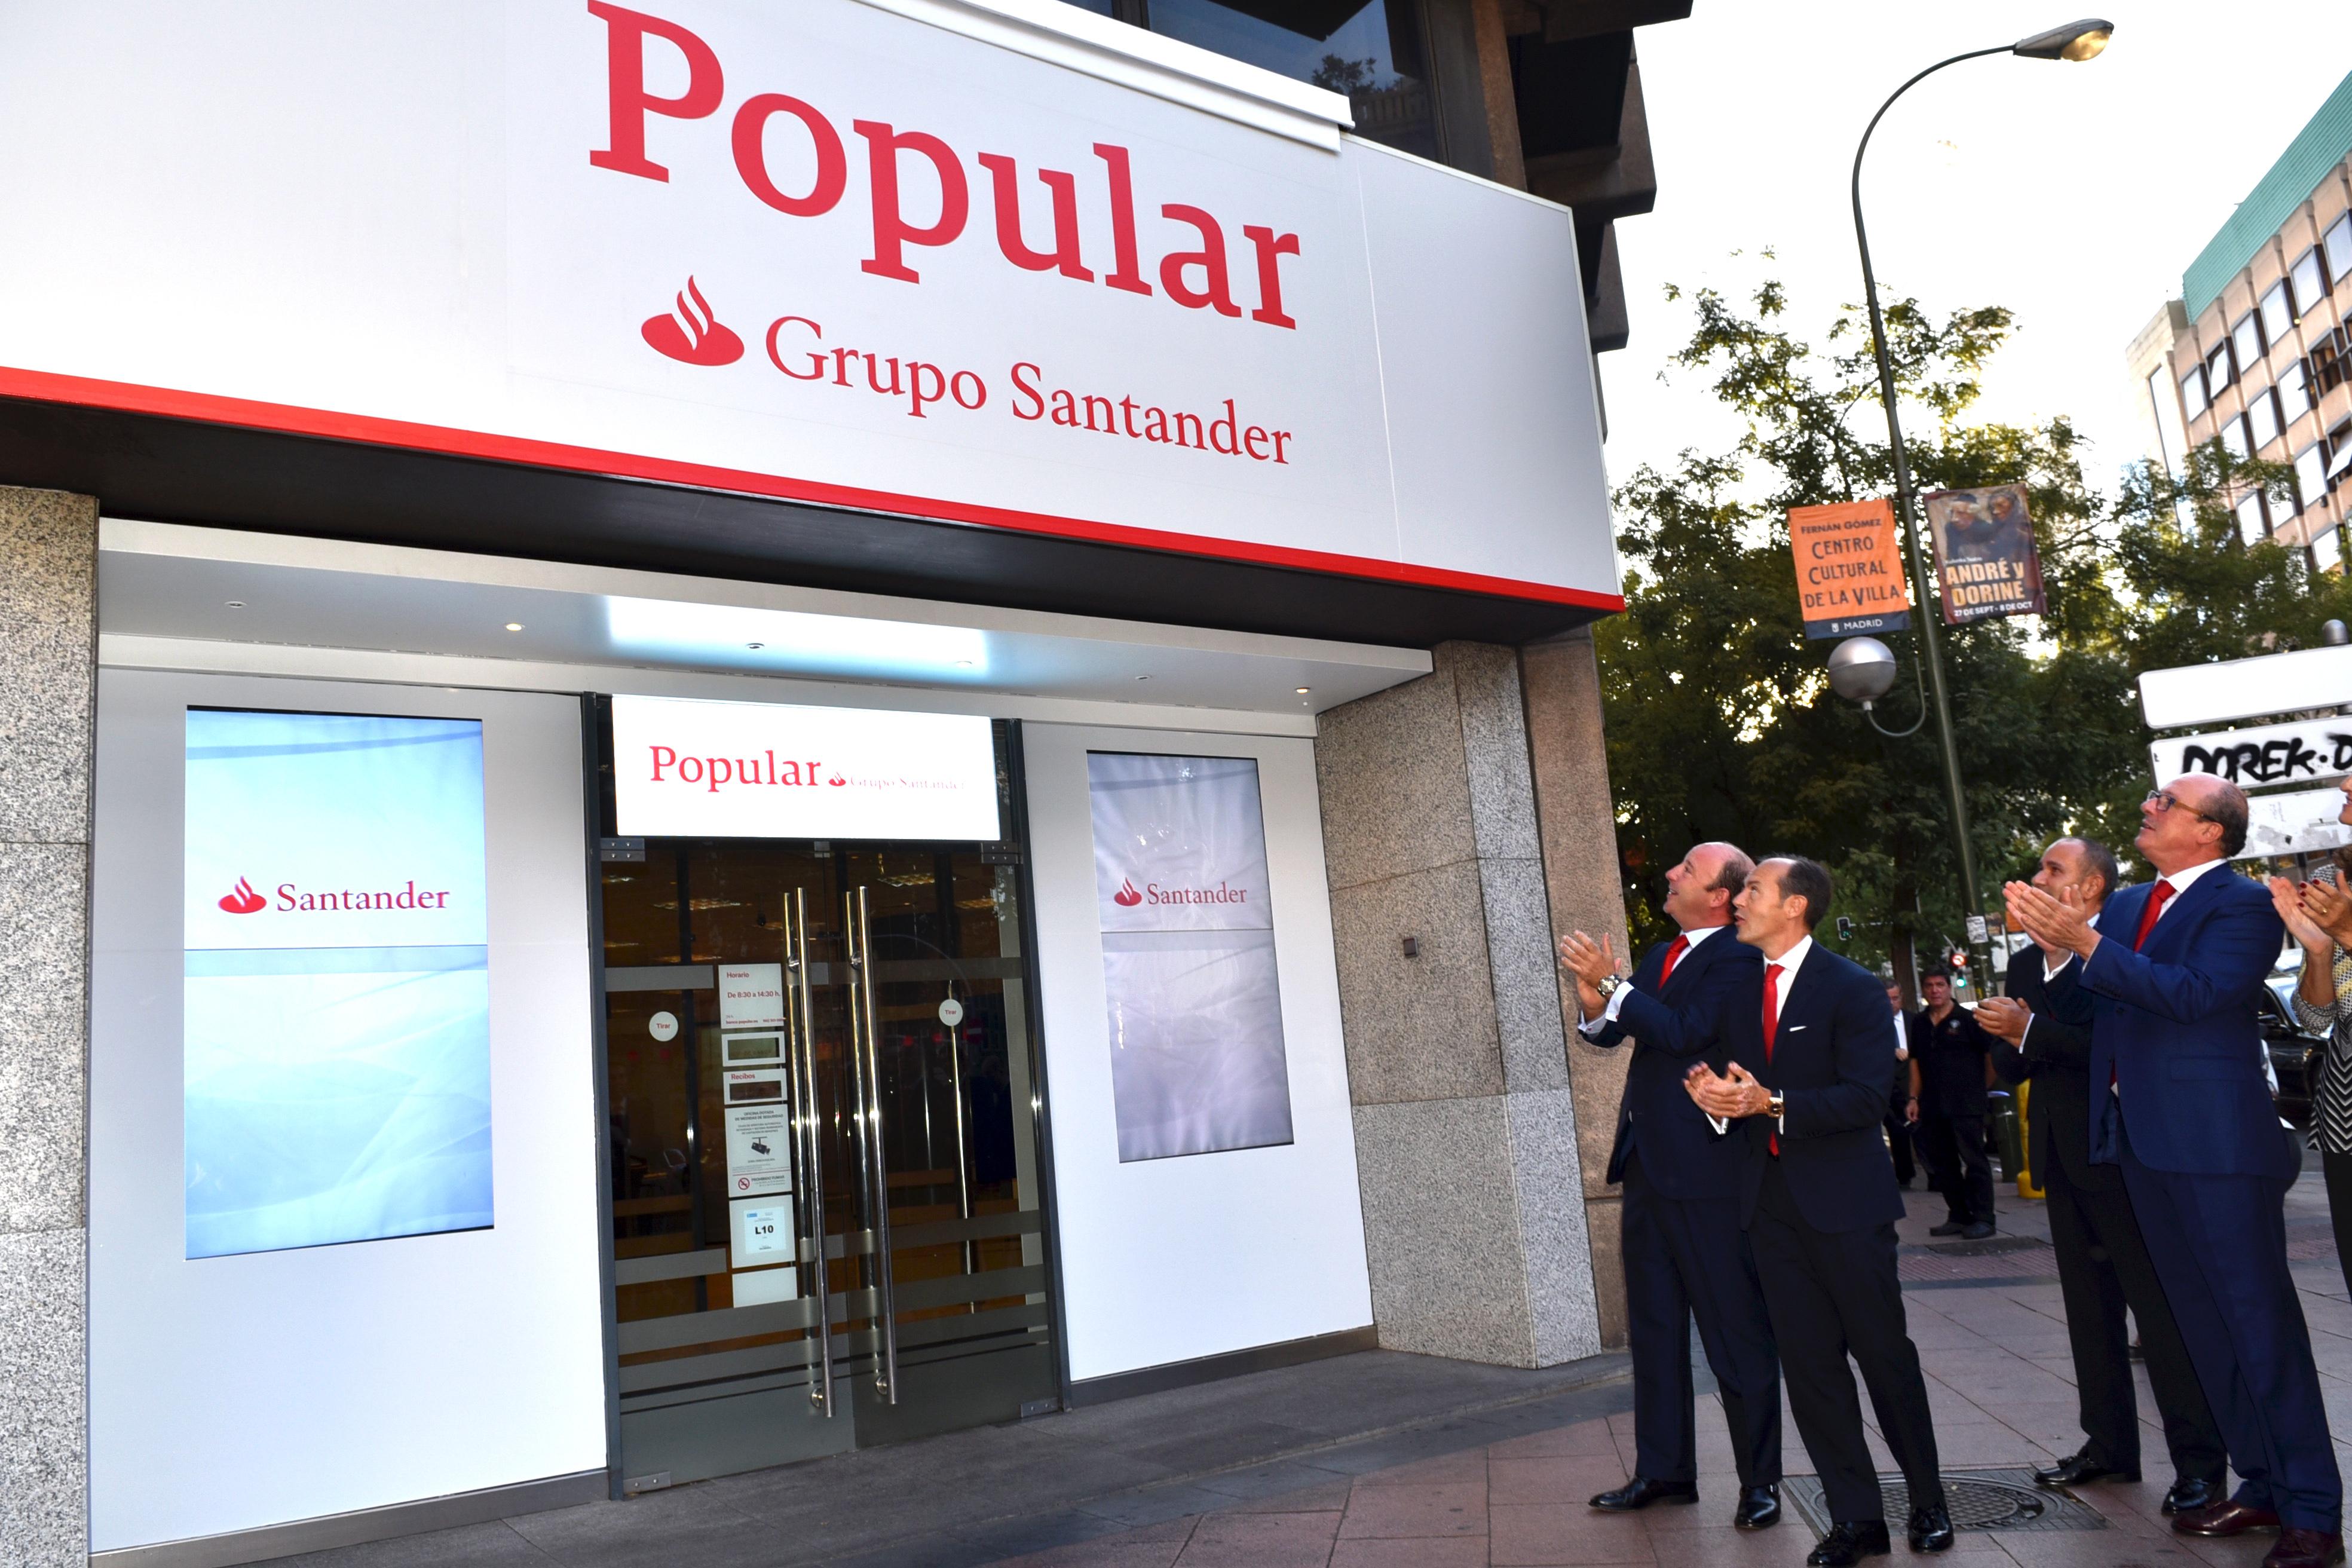 Banco Santander inicia la integración con Popular con el rediseño de los rótulos de las oficinas